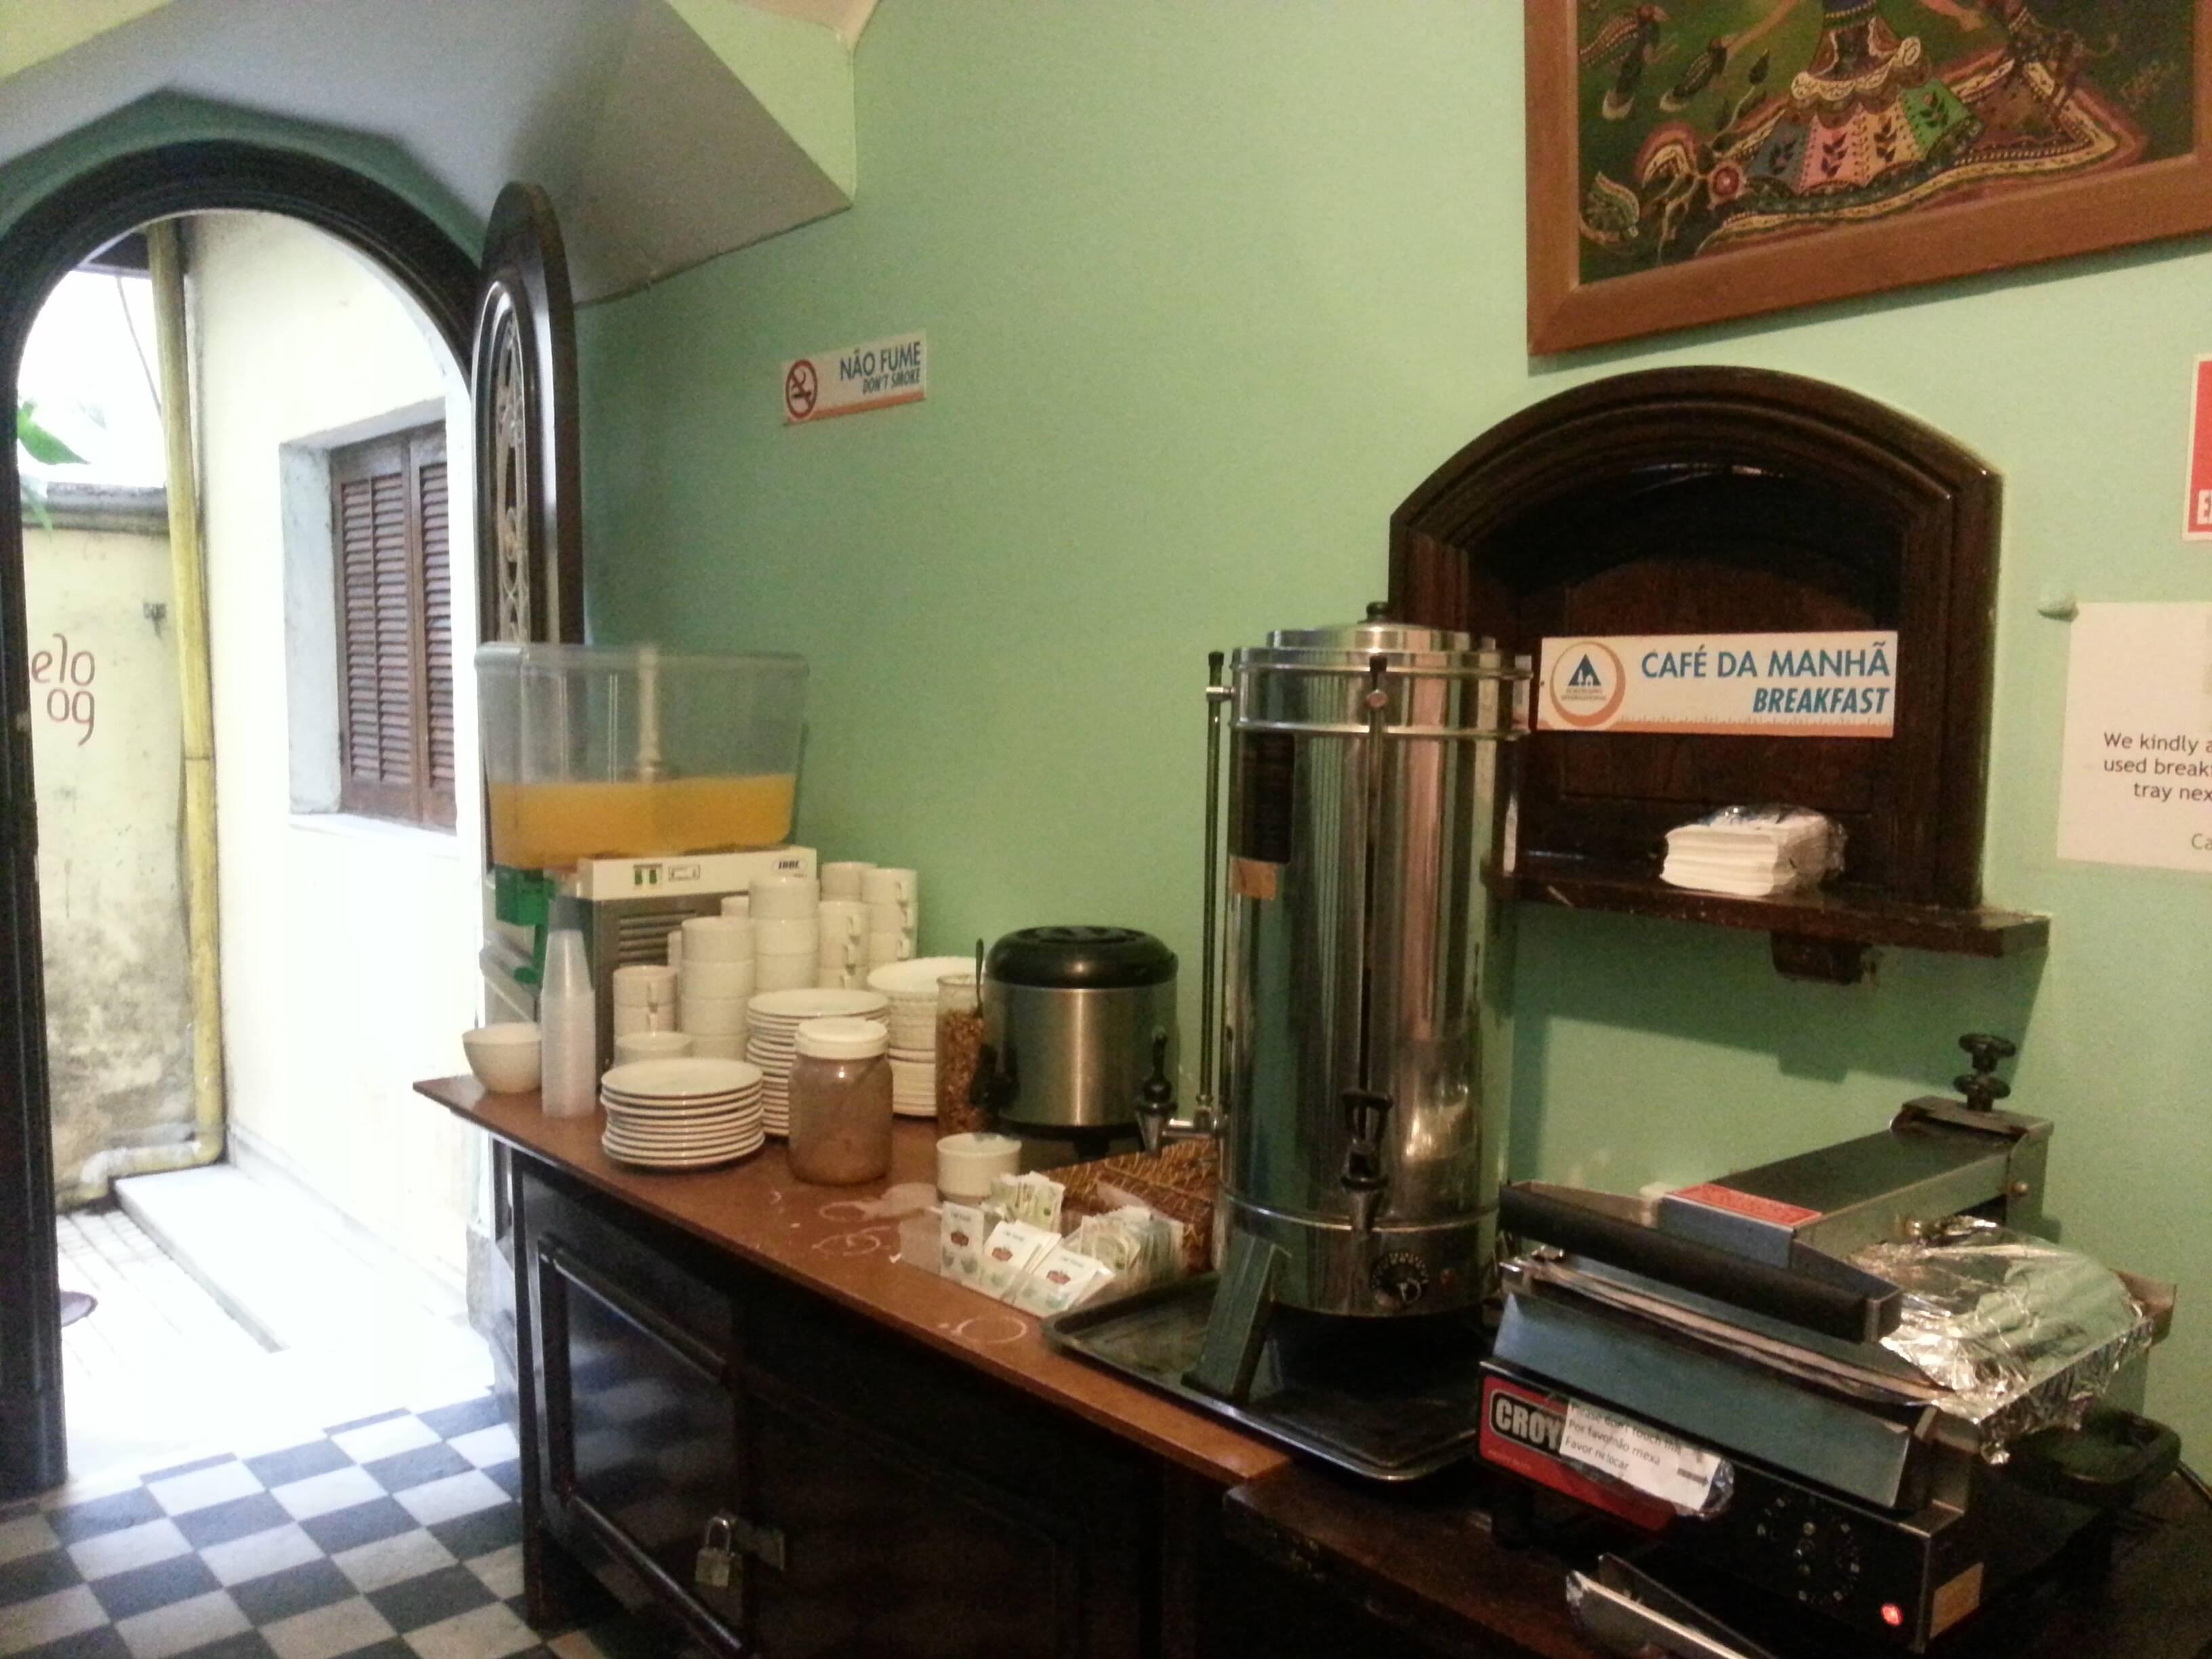 Parte de bebidas do café da manhã incluso na diária do hostel.